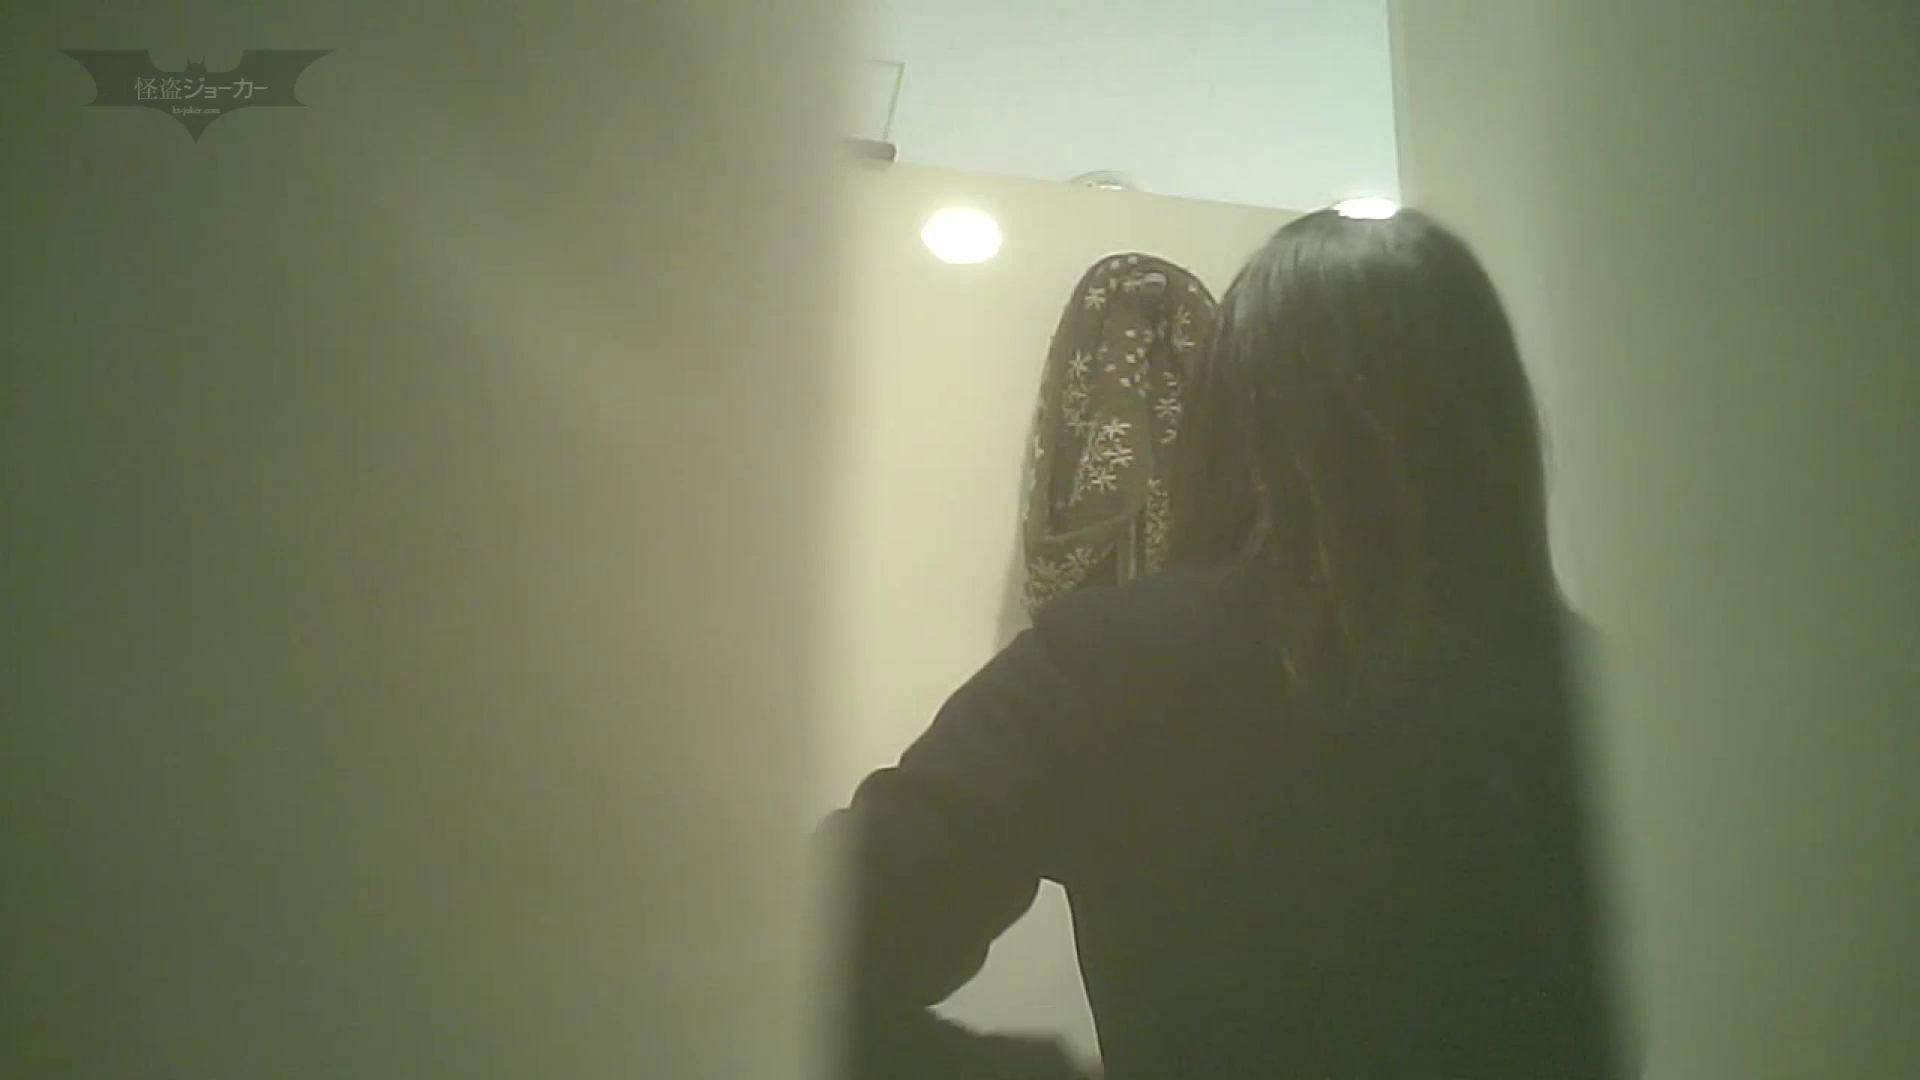 有名大学女性洗面所 vol.54 設置撮影最高峰!! 3視点でじっくり観察 OLのボディ われめAV動画紹介 86PIX 2